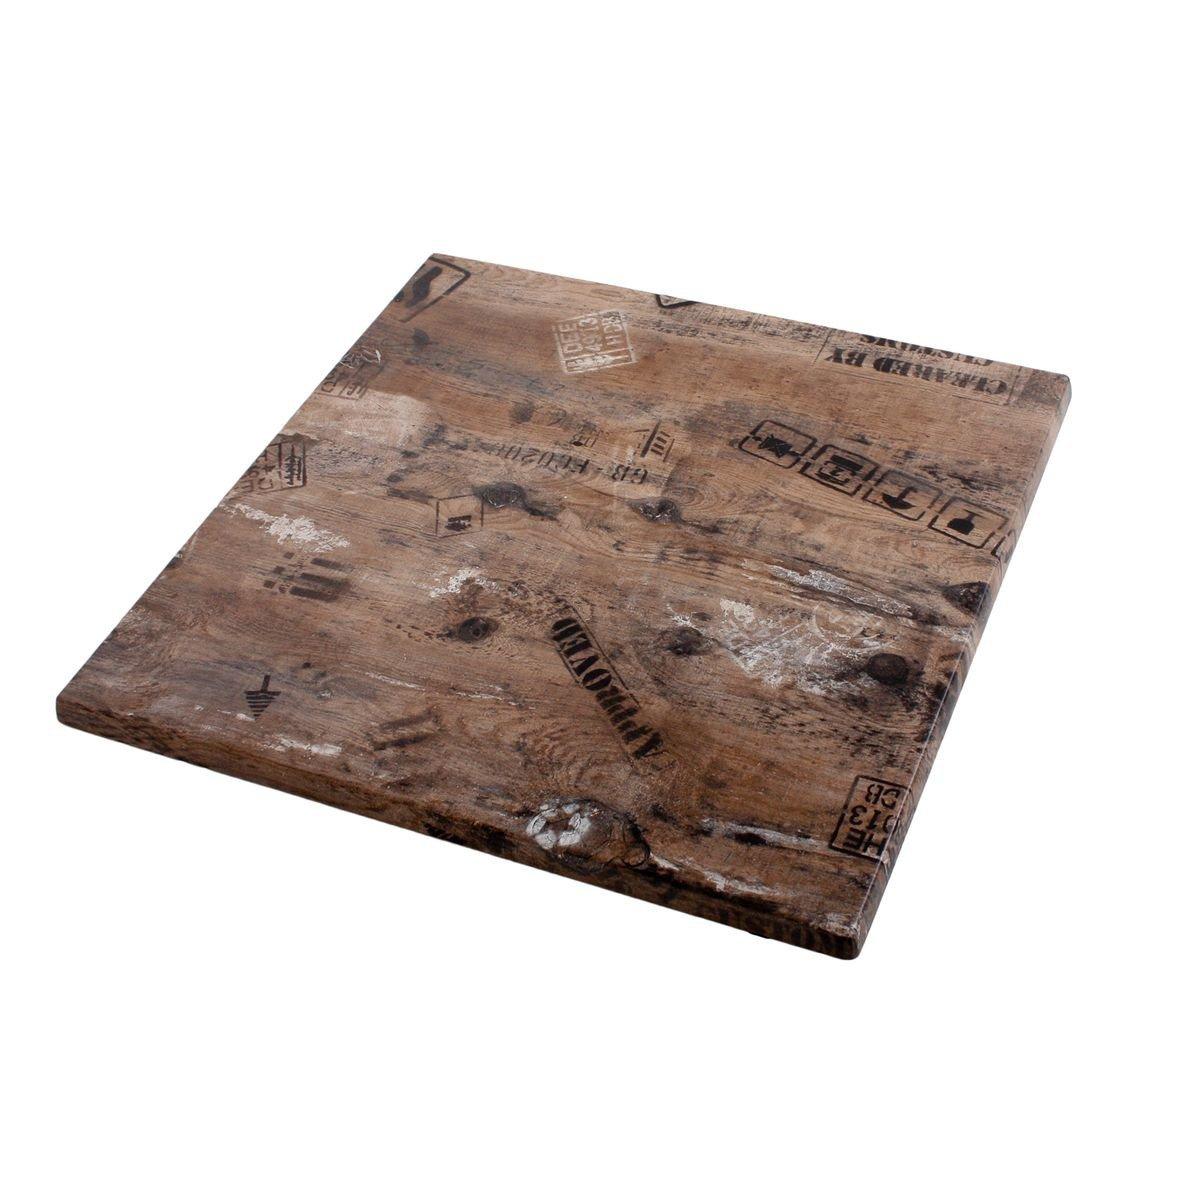 Werzalit / hochwertige Tischplatte / Ex works / 70/70 cm / Bistrotisch / Bistrotische / Gartentisch / Gastronomie bestellen